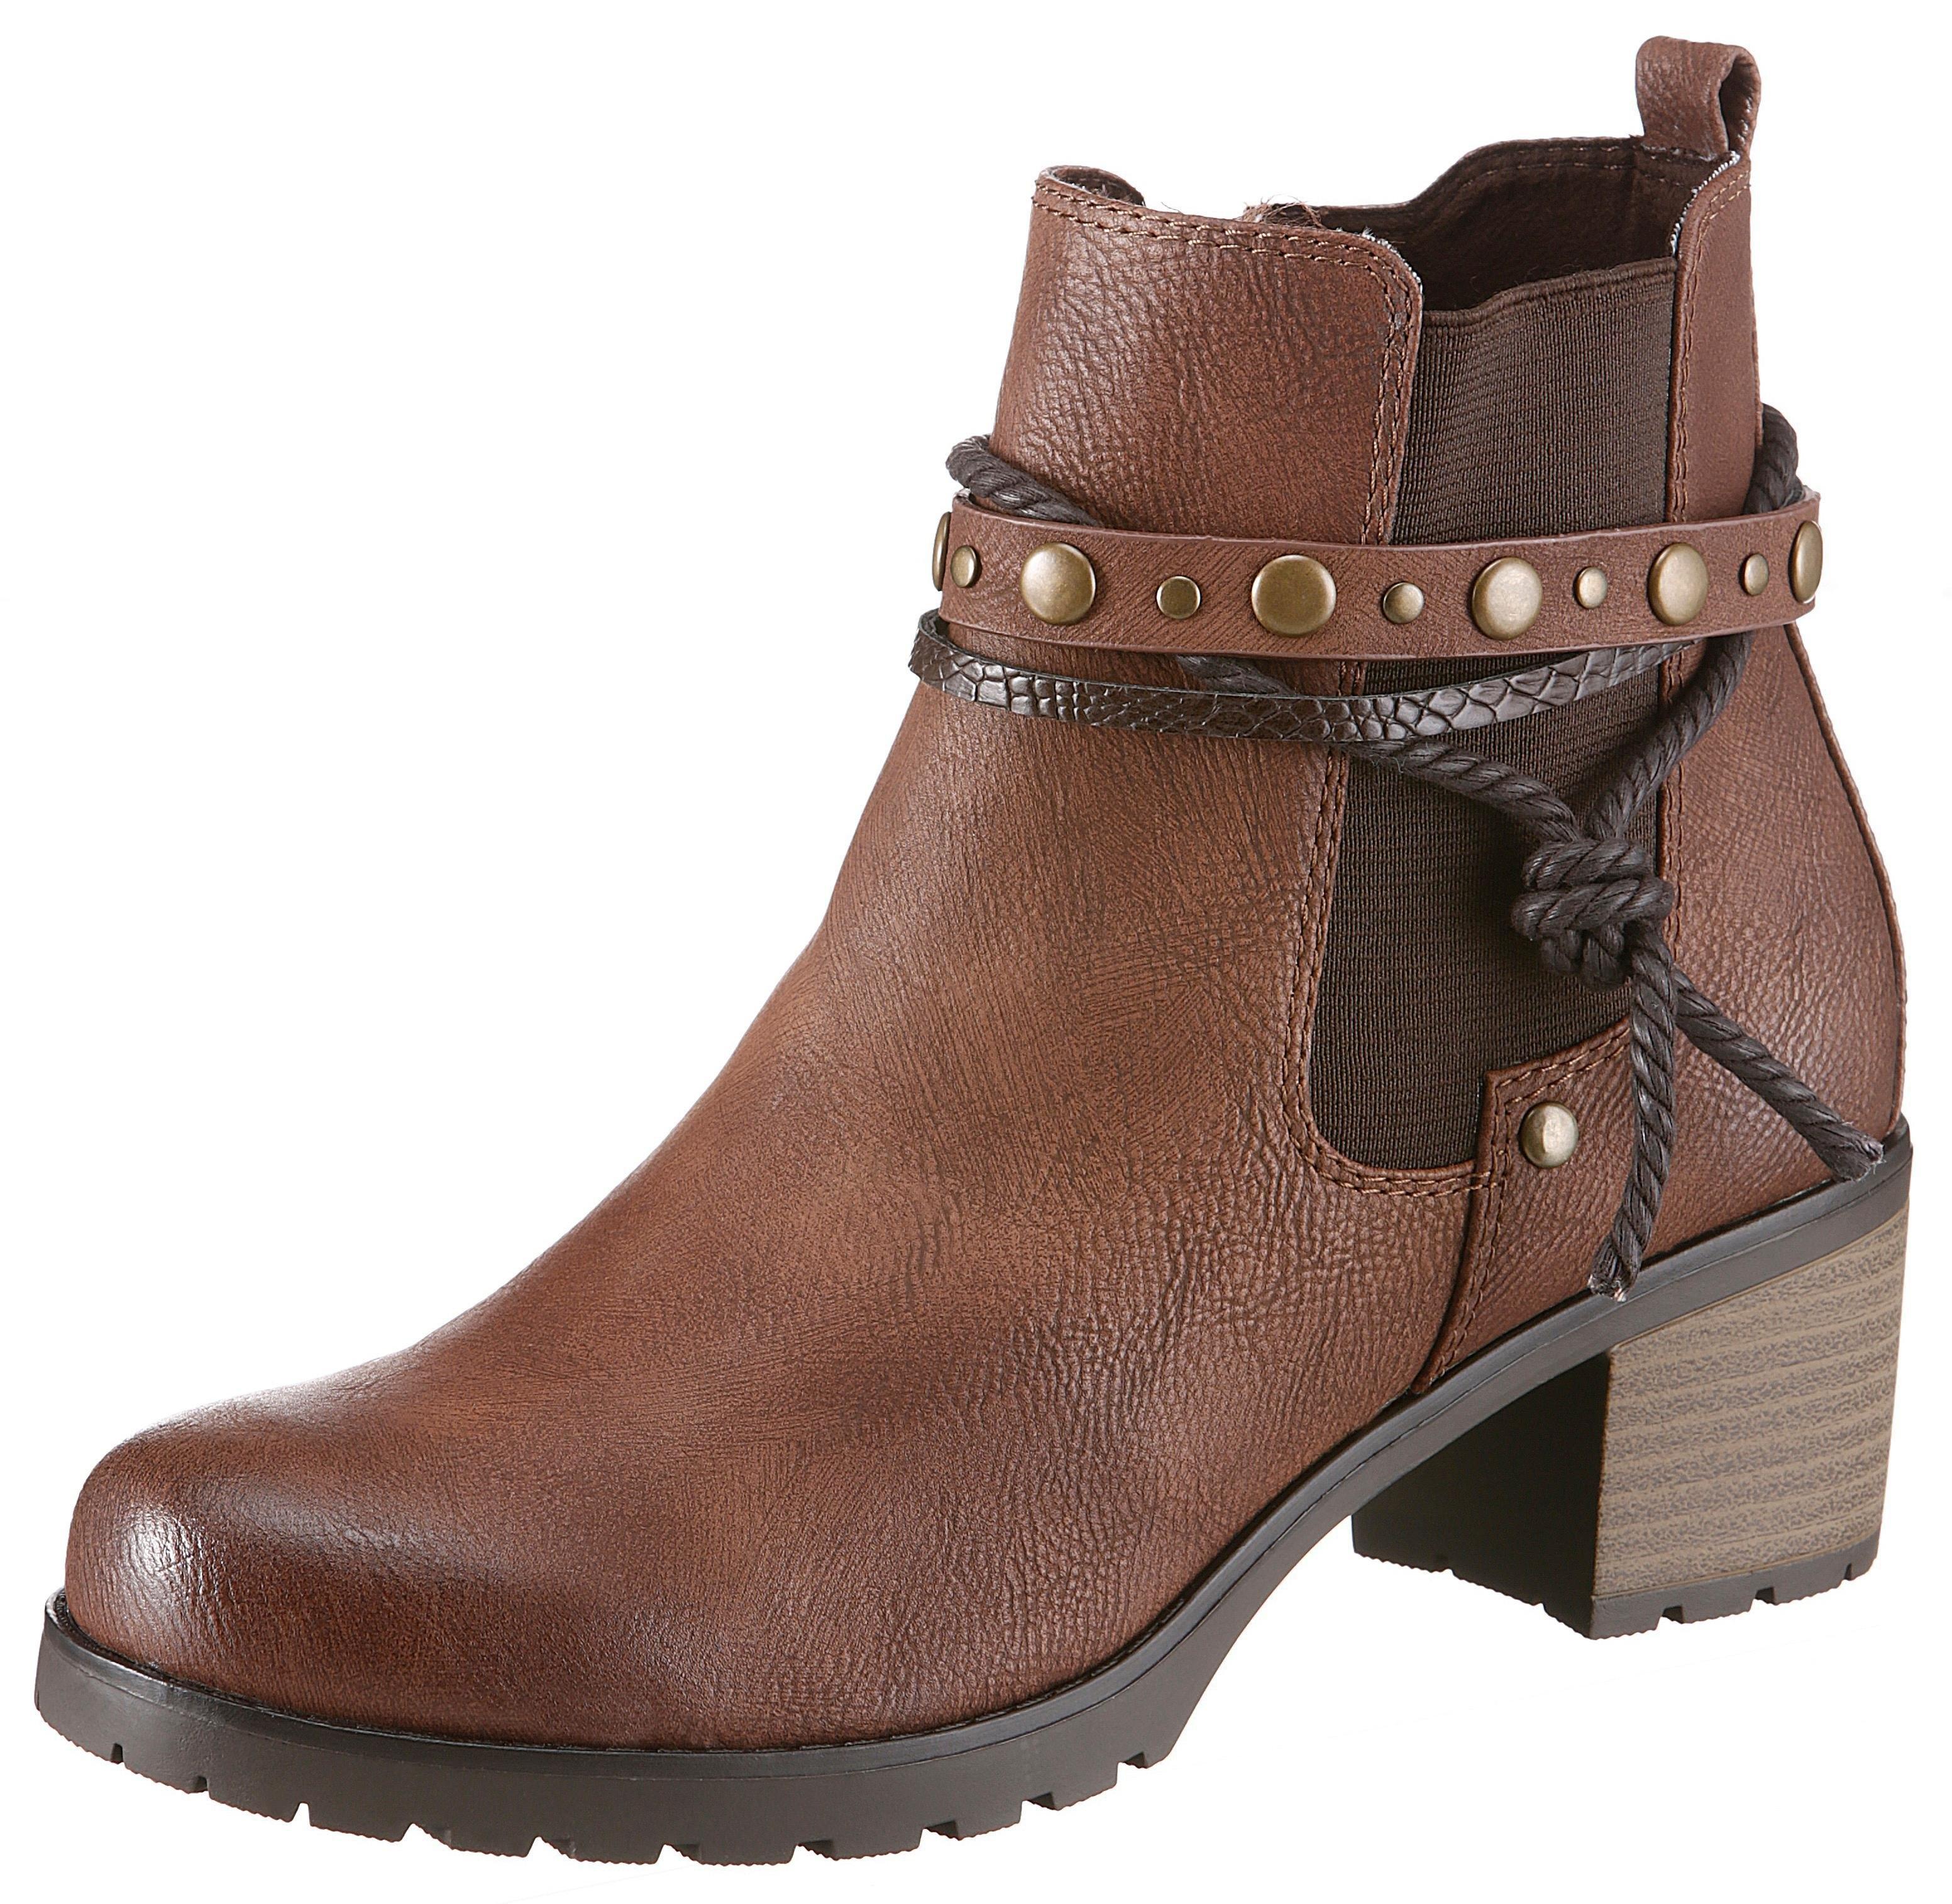 Op zoek naar een City Walk chelsea-boots? Koop online bij OTTO